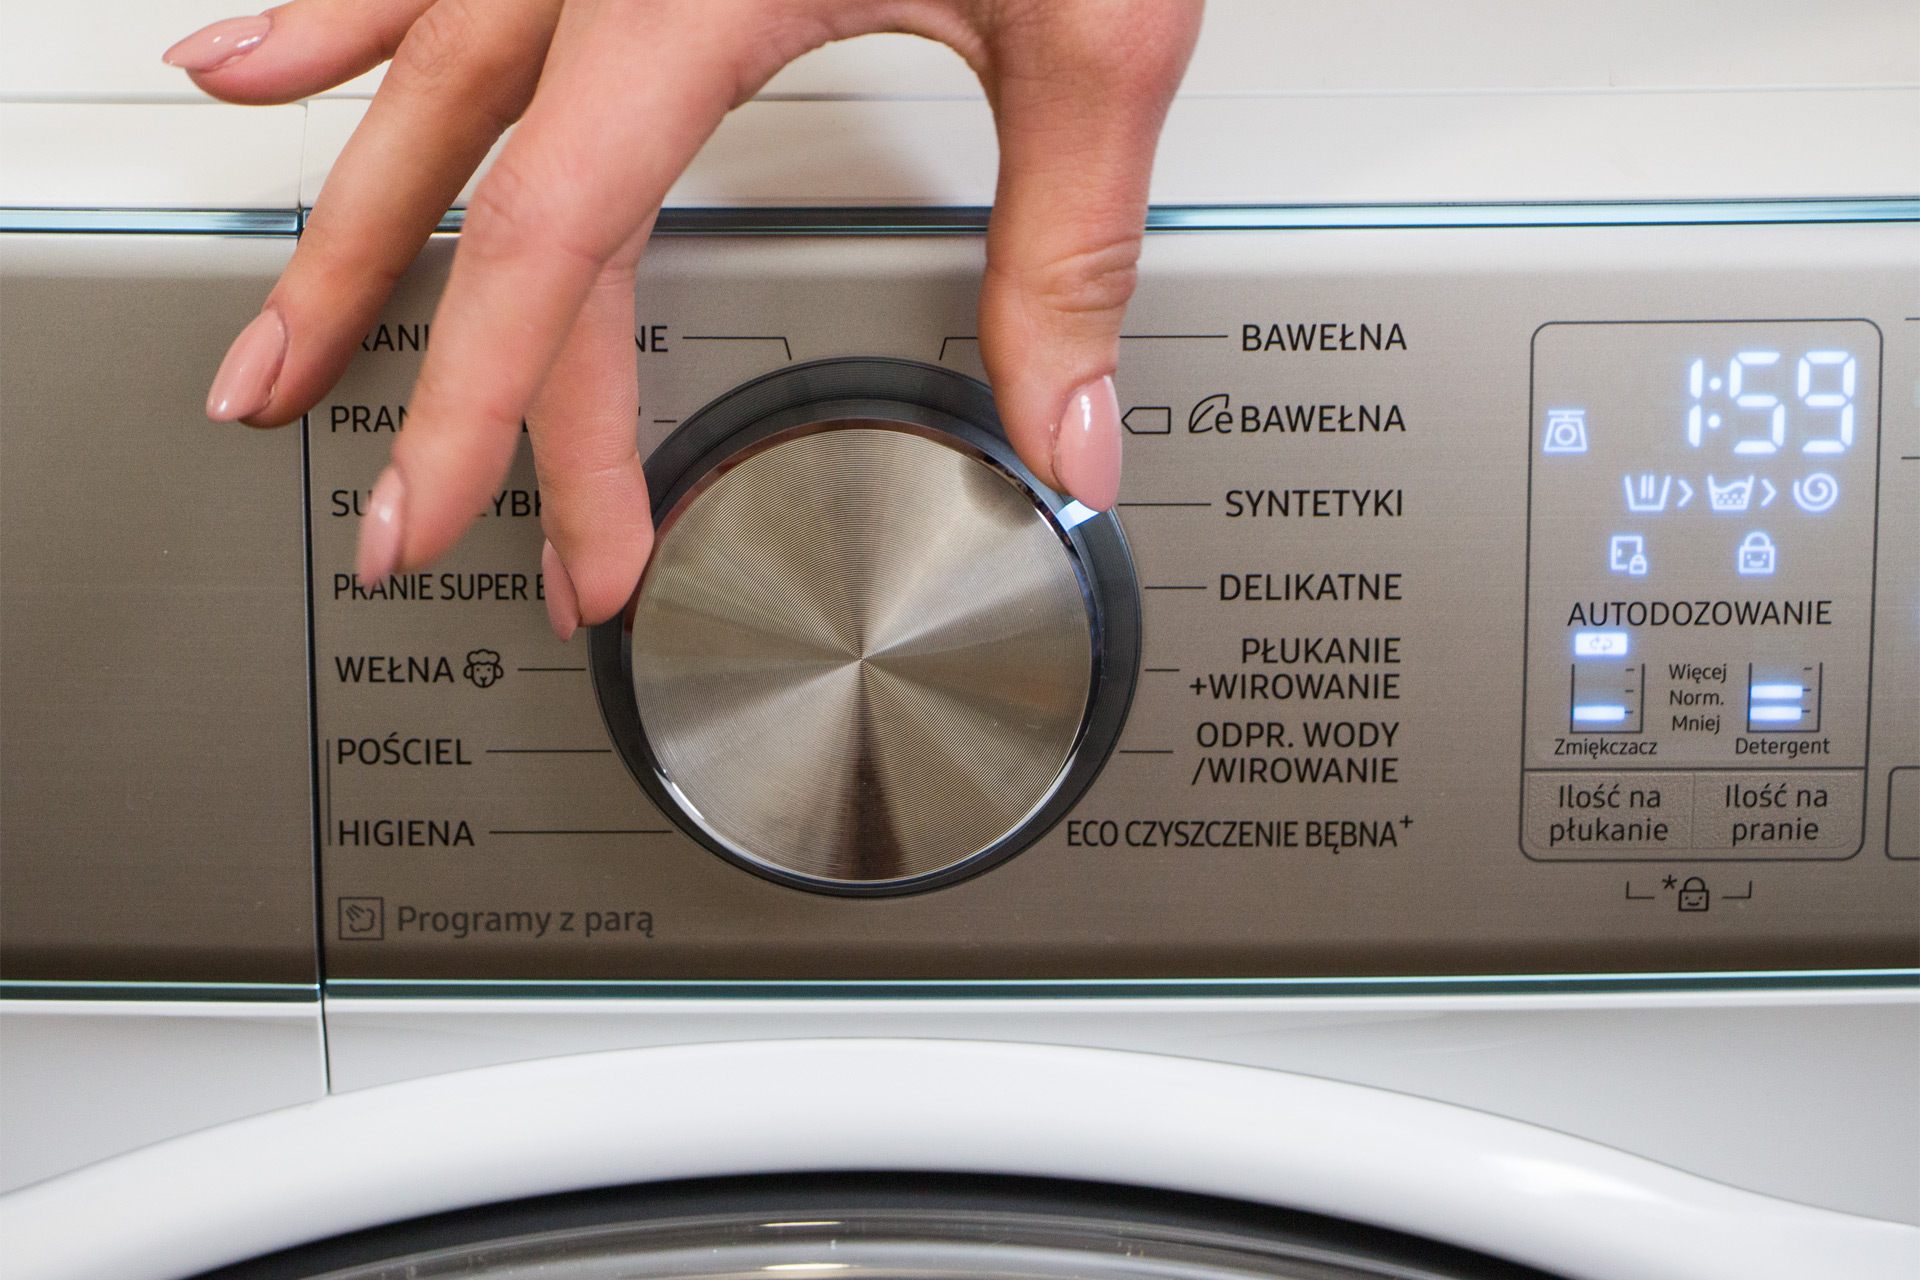 Pralka Samsung WW10M86INOA programy